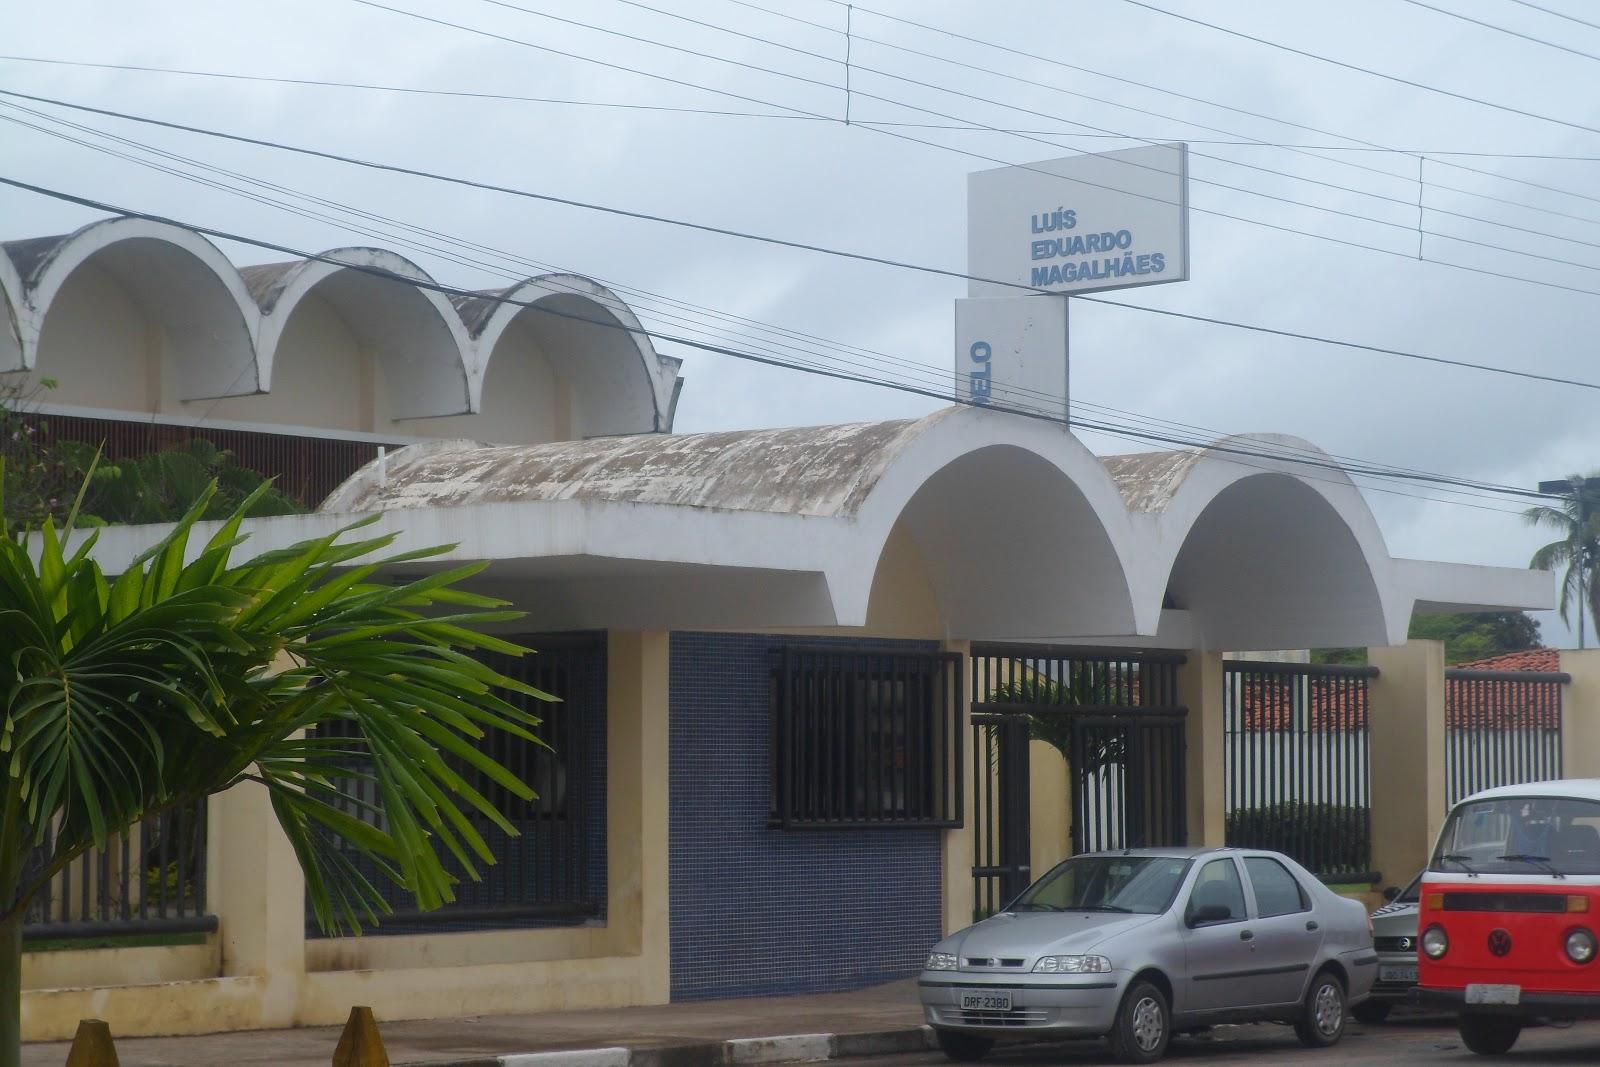 #495E1C prédio escolar está construído em alvenaria murado atendendo  1600x1067 px Banheiro Deficiente Minimo 3409